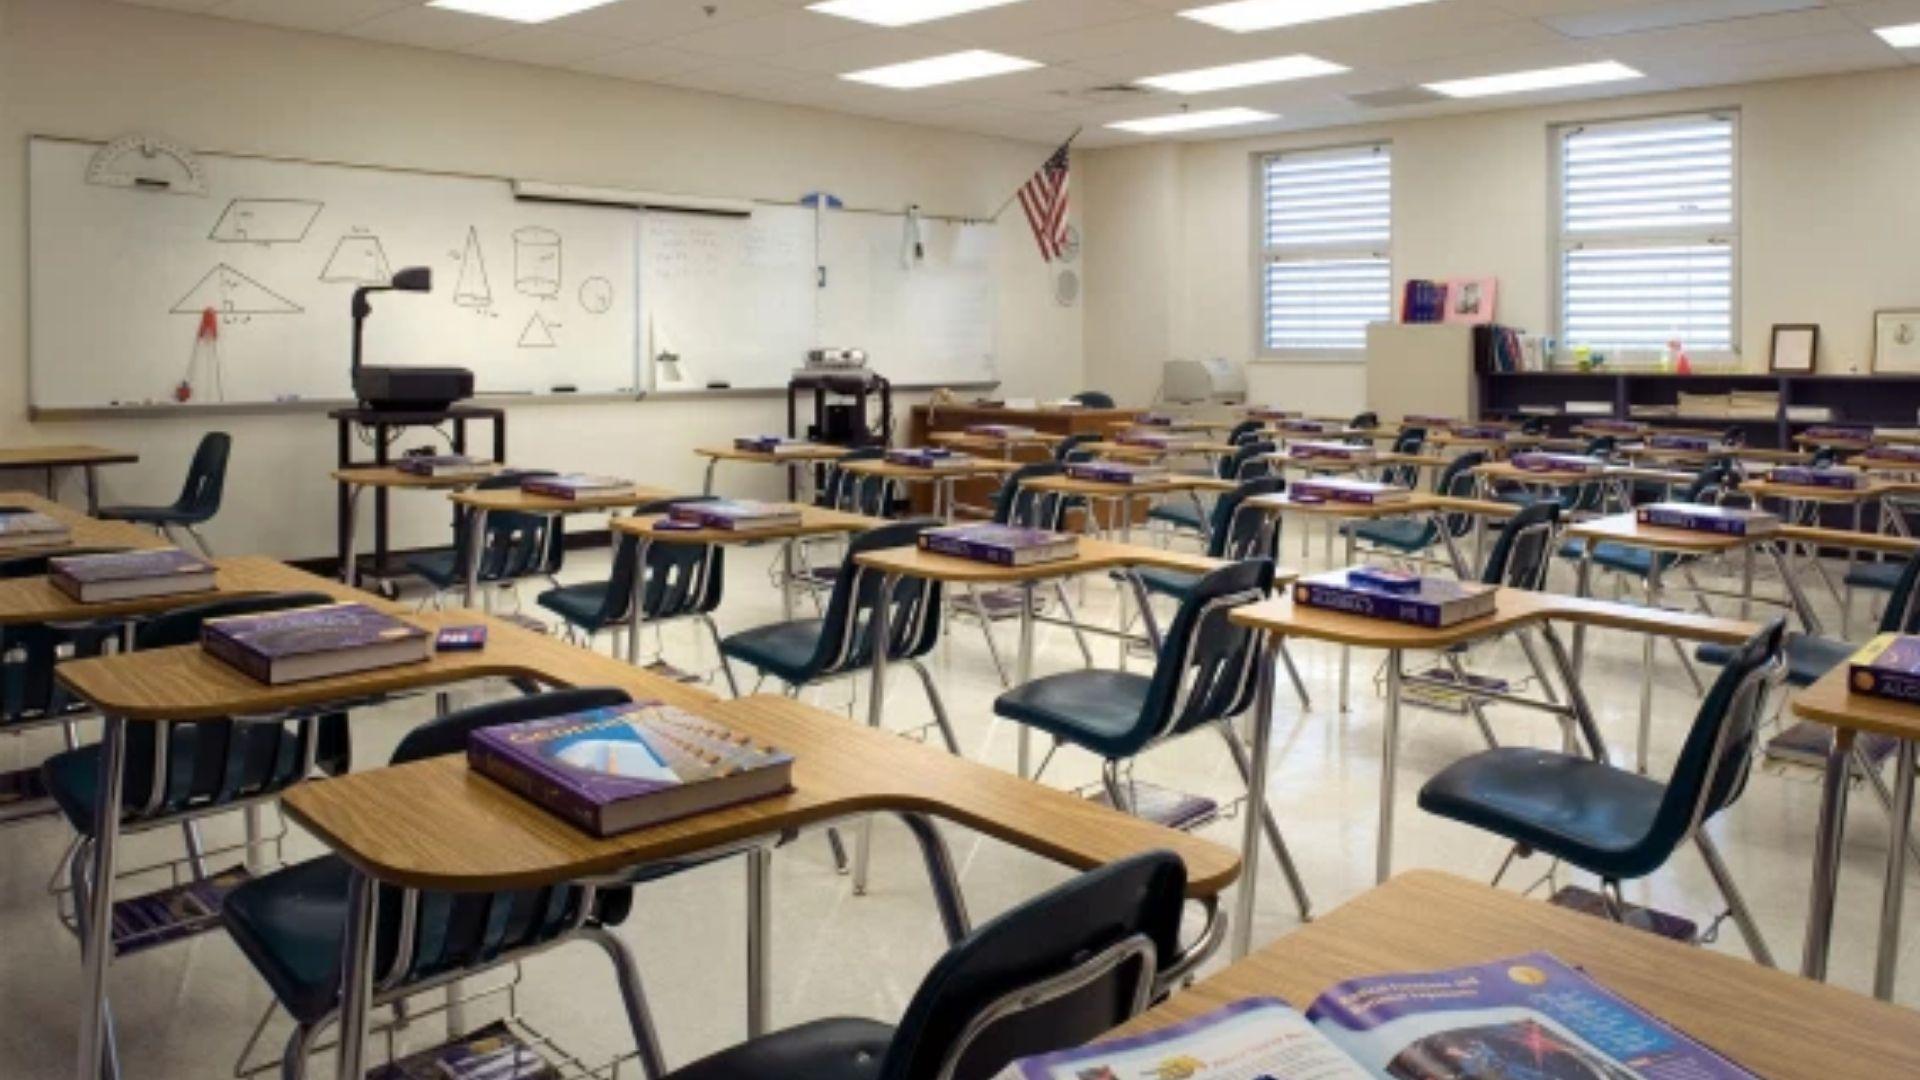 Escola remove nomes de feriados seculares e religiosos para não 'ofender ninguém'